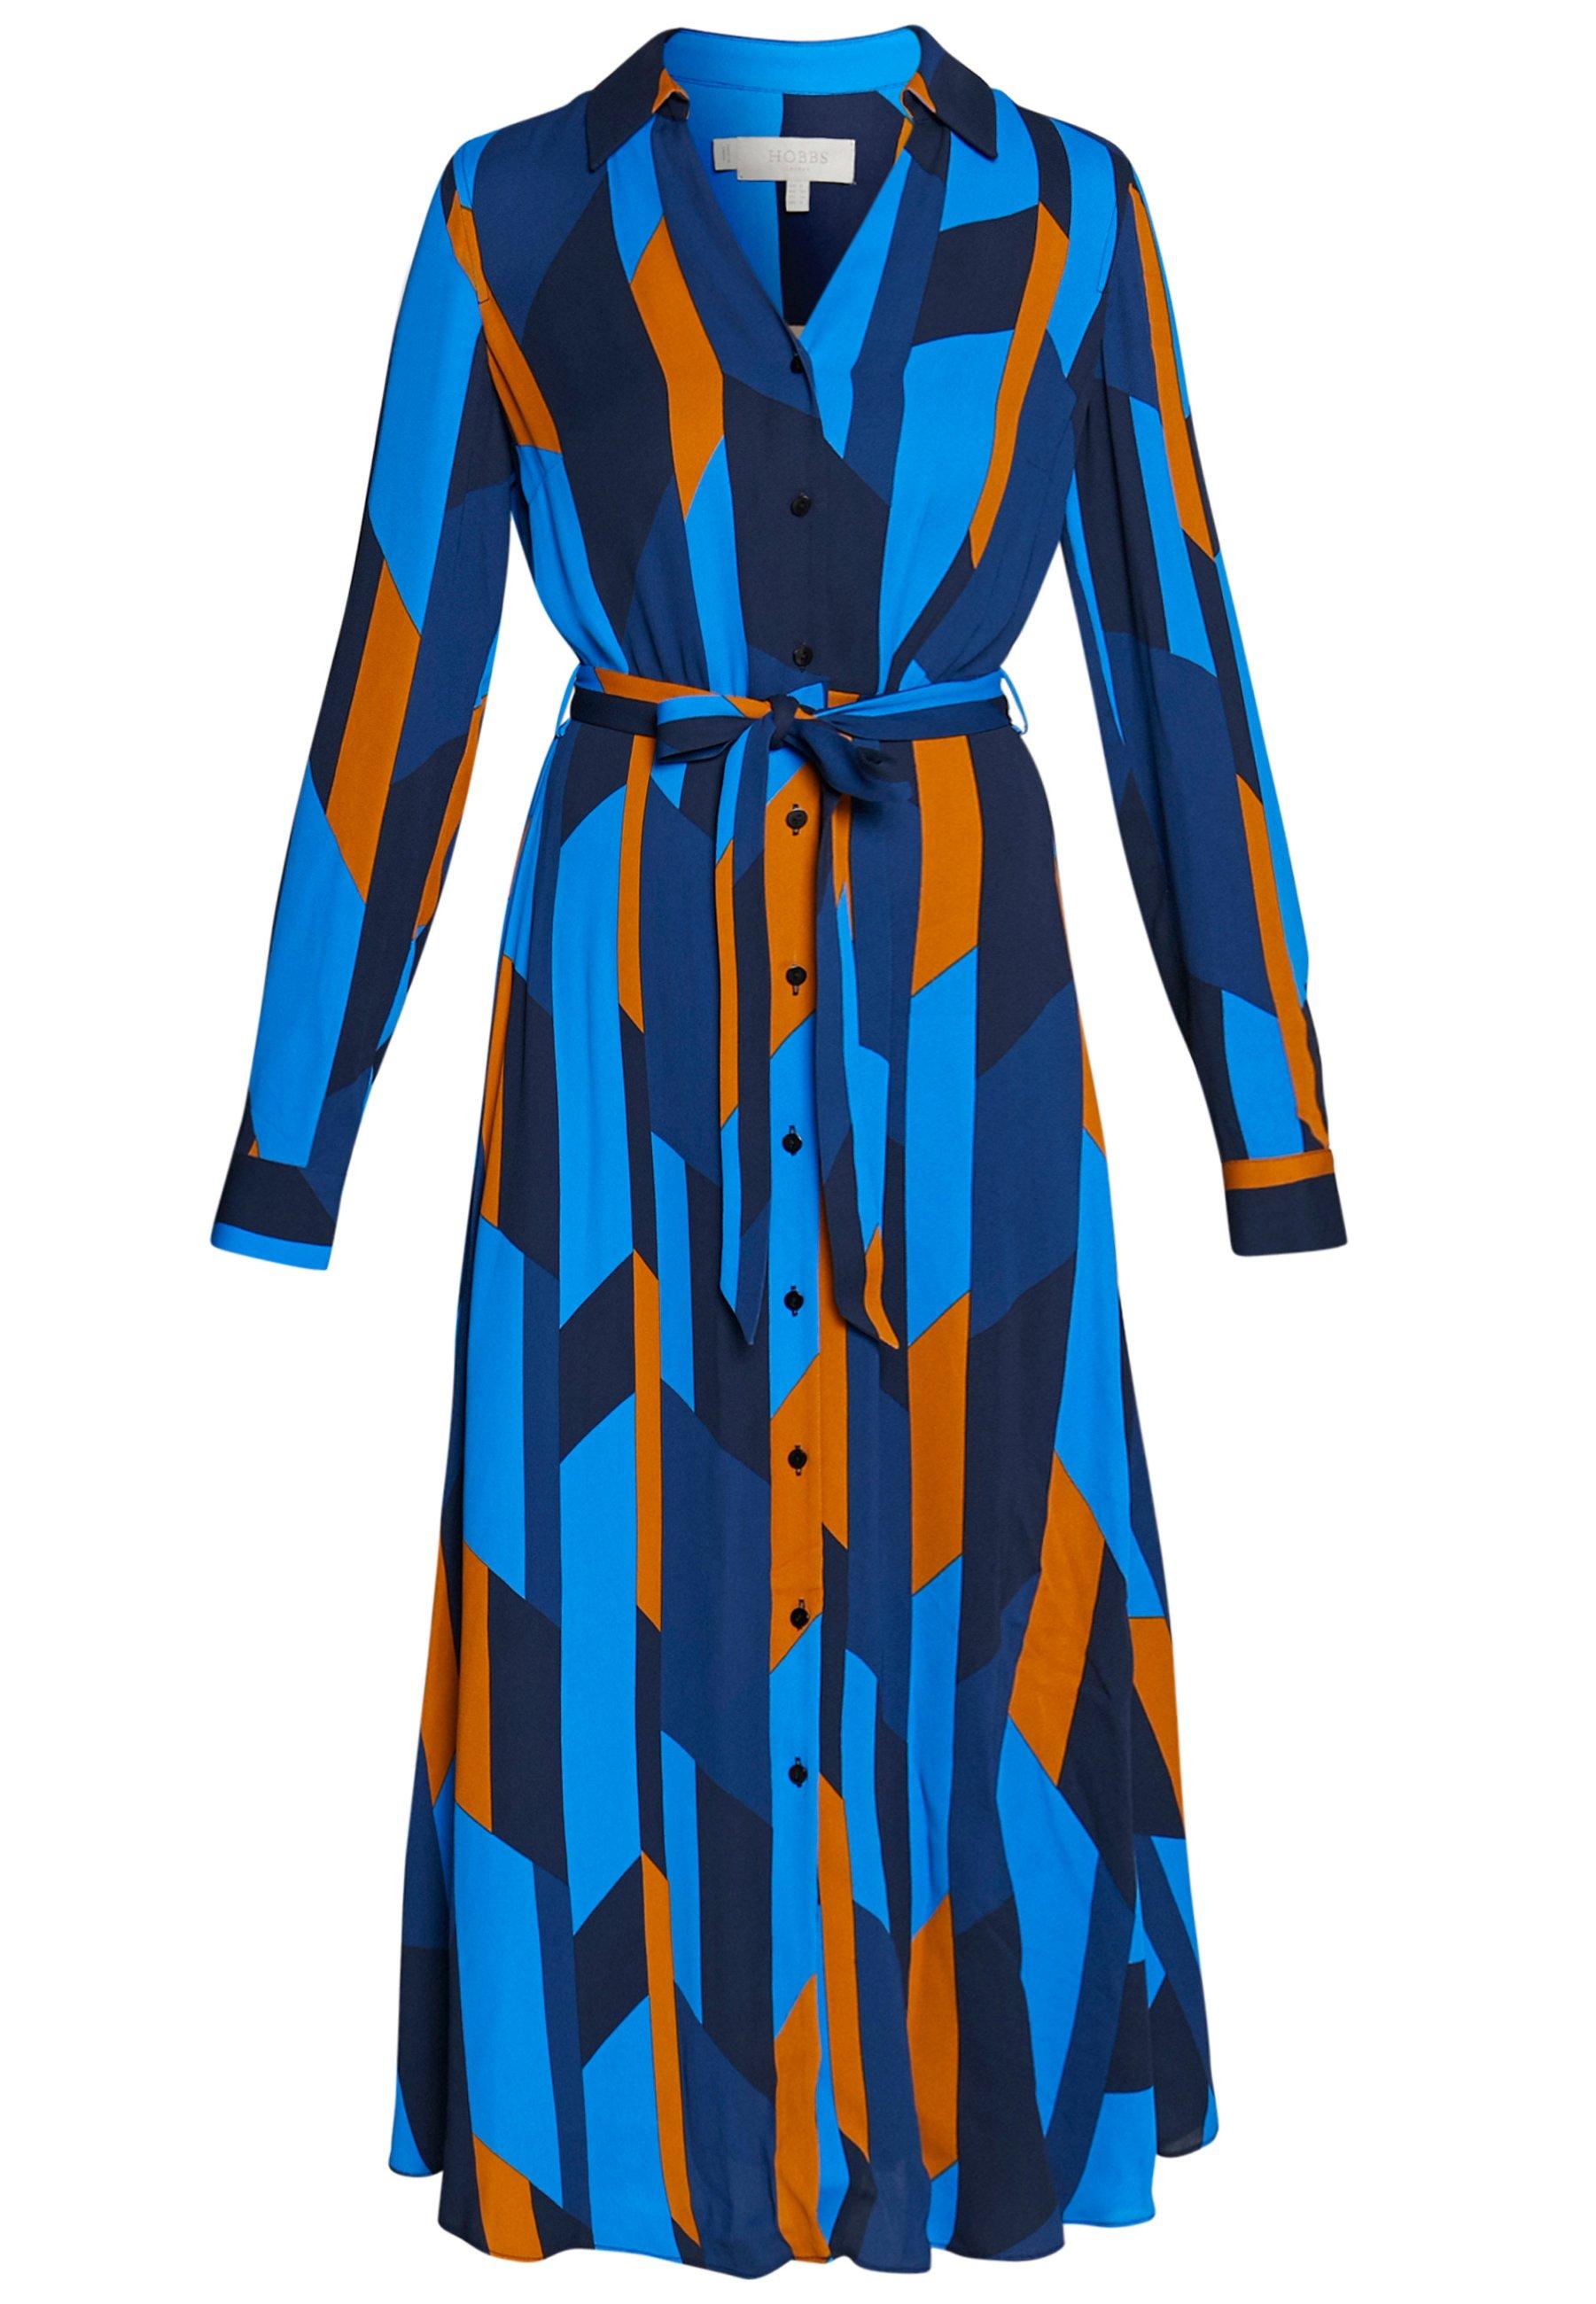 Hobbs Dalia Dress - Abito A Camicia Navy/multi ra6qxDI